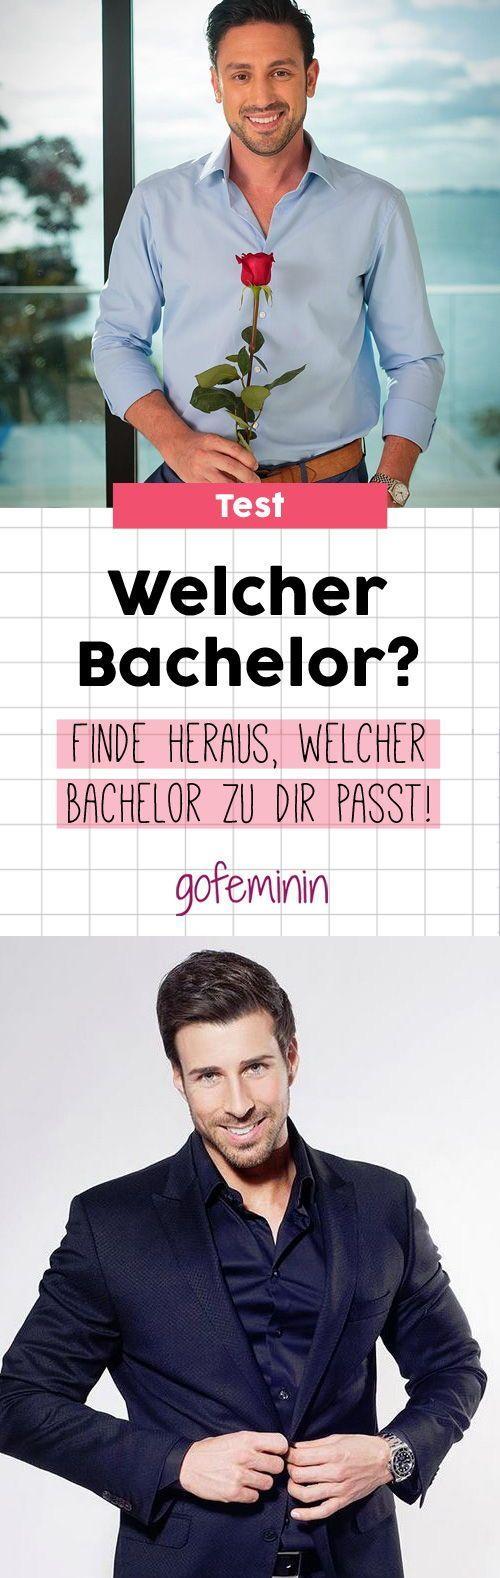 Welcher Bachelor ist dein Traummann? Beantworte 10 Fragen und wir verraten es dir! #test #persönlichkeitstest #traummann #bachelor